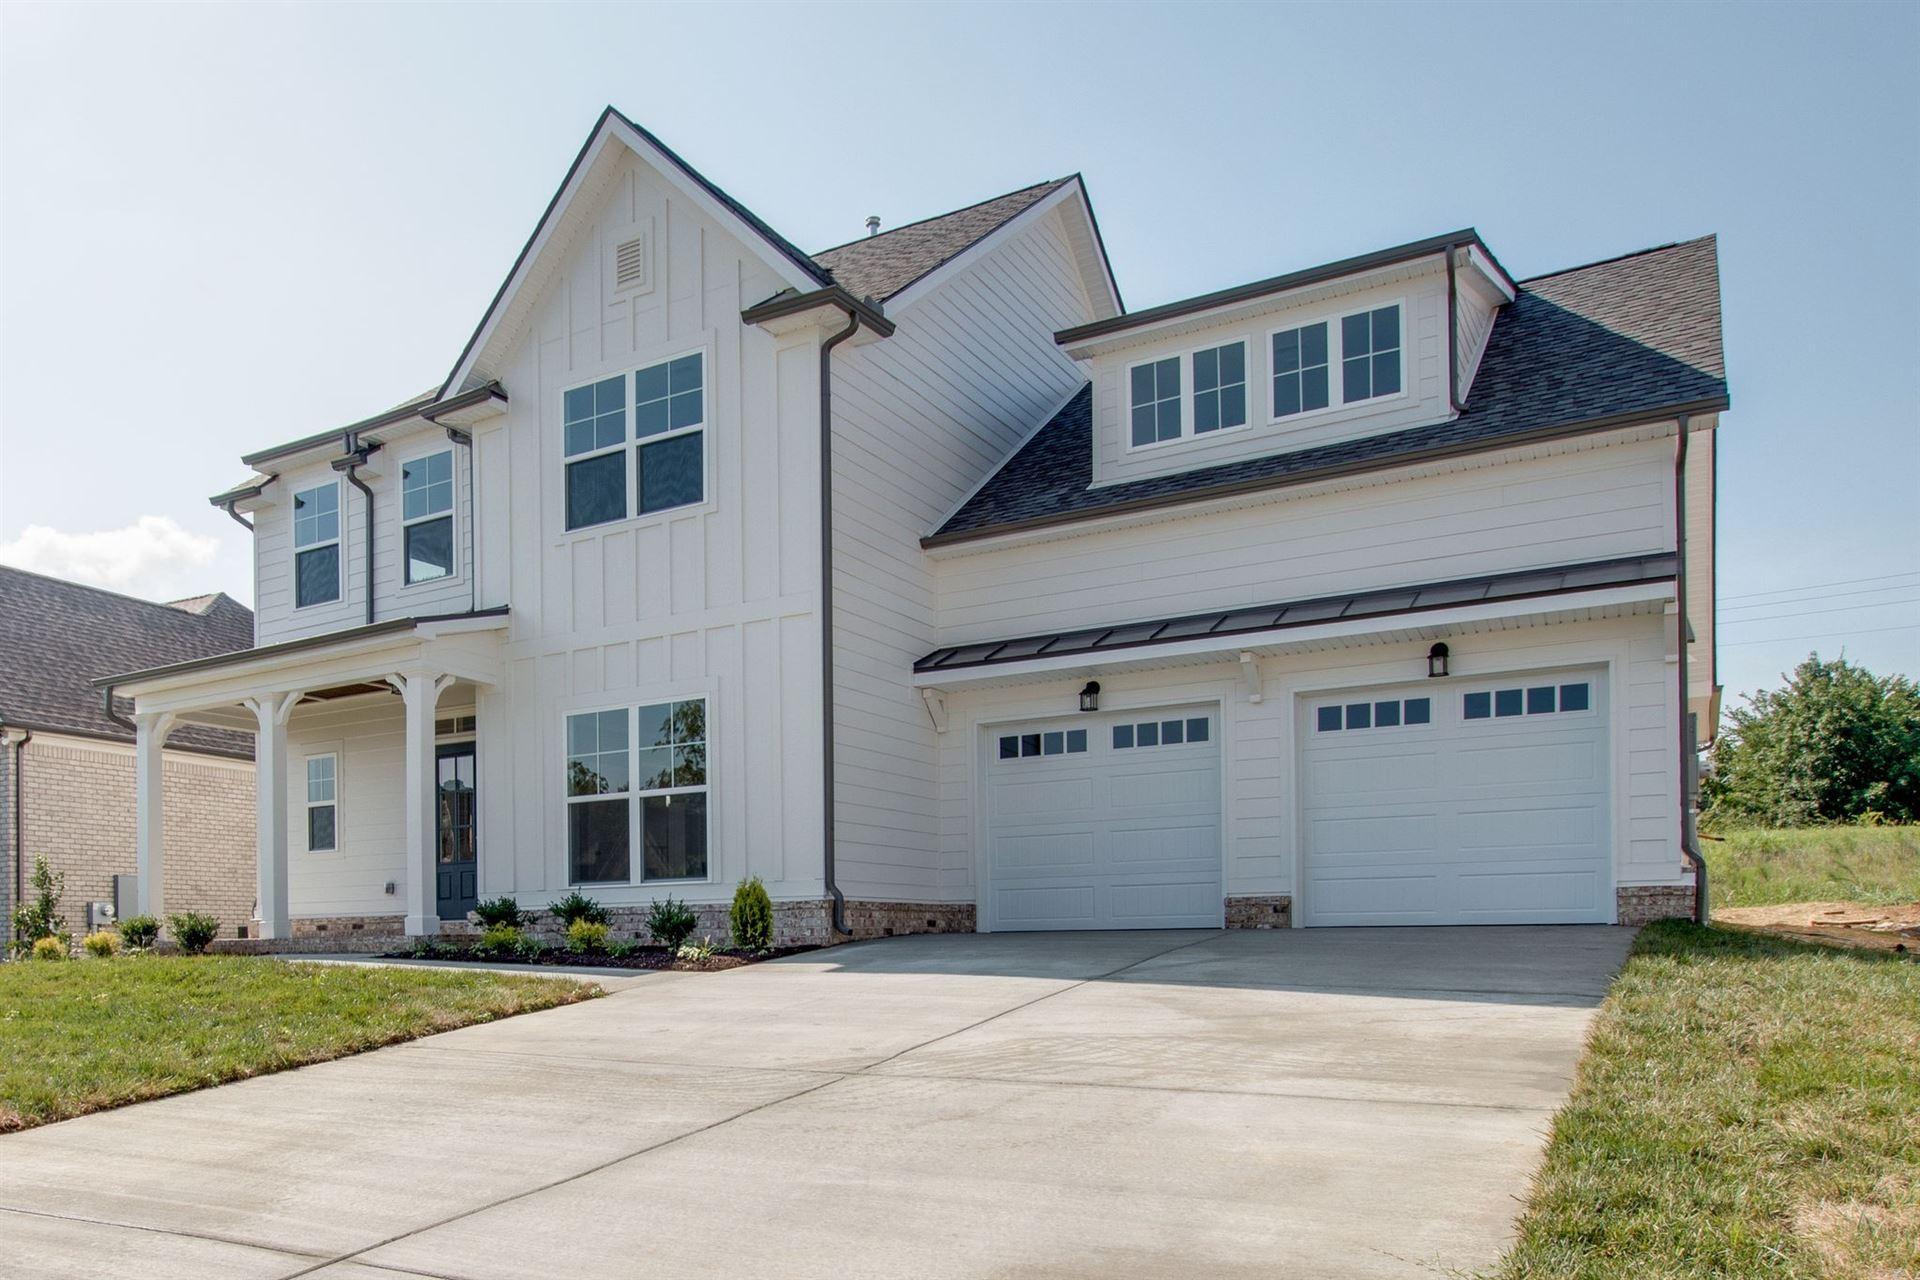 1430 Proprietors place, Murfreesboro, TN 37128 - MLS#: 2292340